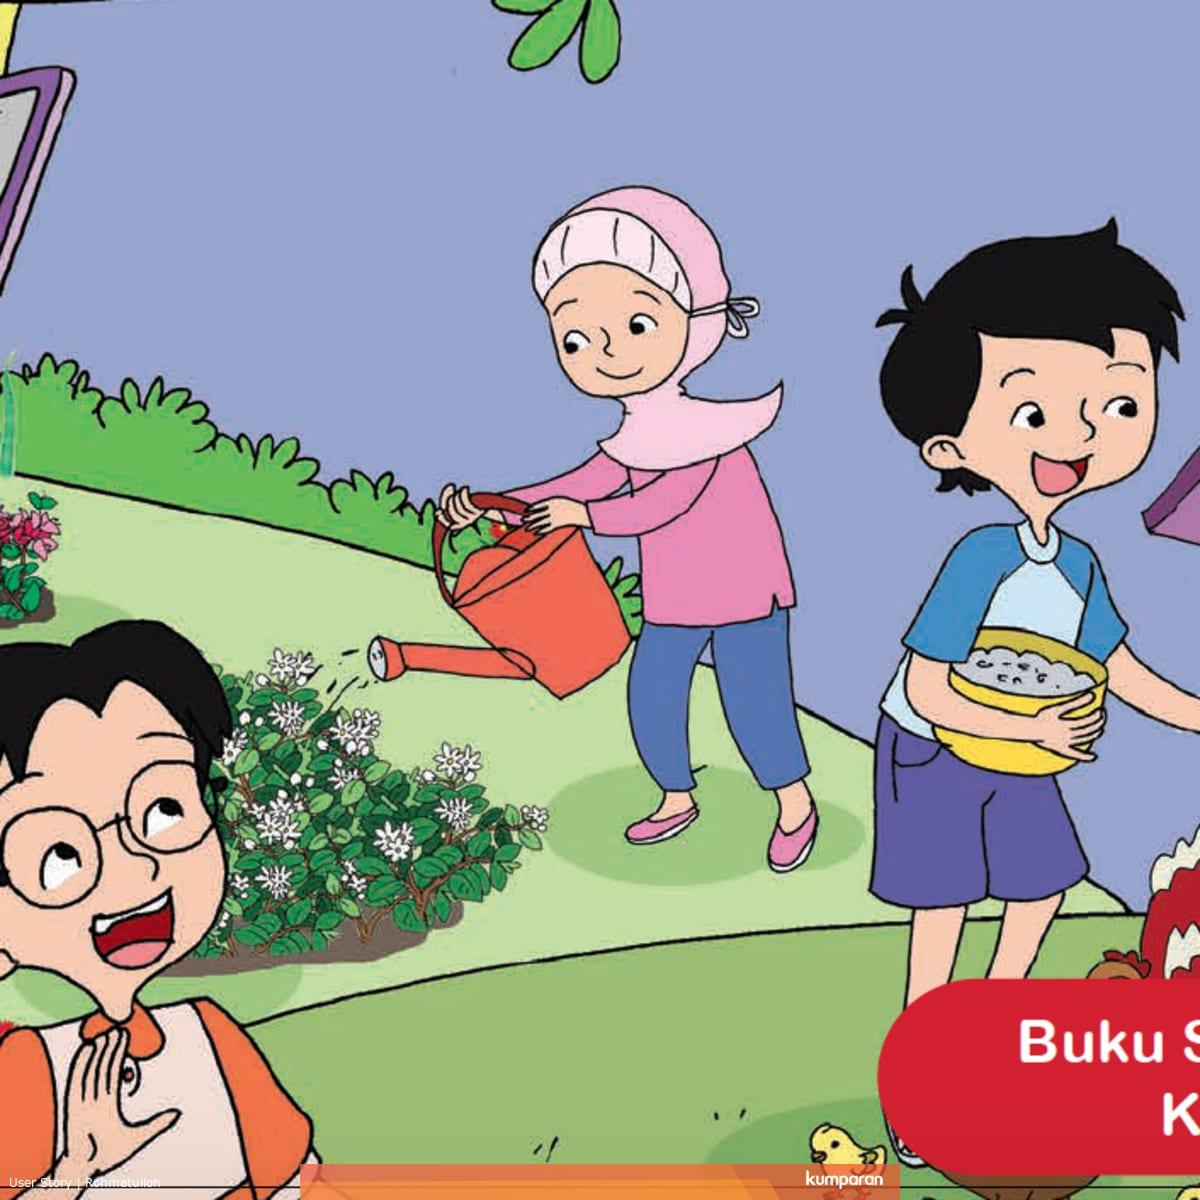 Gambar Gotong Royong Di Sekolah Kartun 21 Gambar Poster Gotong Royong Kartun Gambar Kartun Ku Seluruh Warga Sekolah Ikut Serta Dalam Kegiatan Tersebut Ada Yang Mencangkul Memotong Rumput Menyapu Dan Membuang Sampah